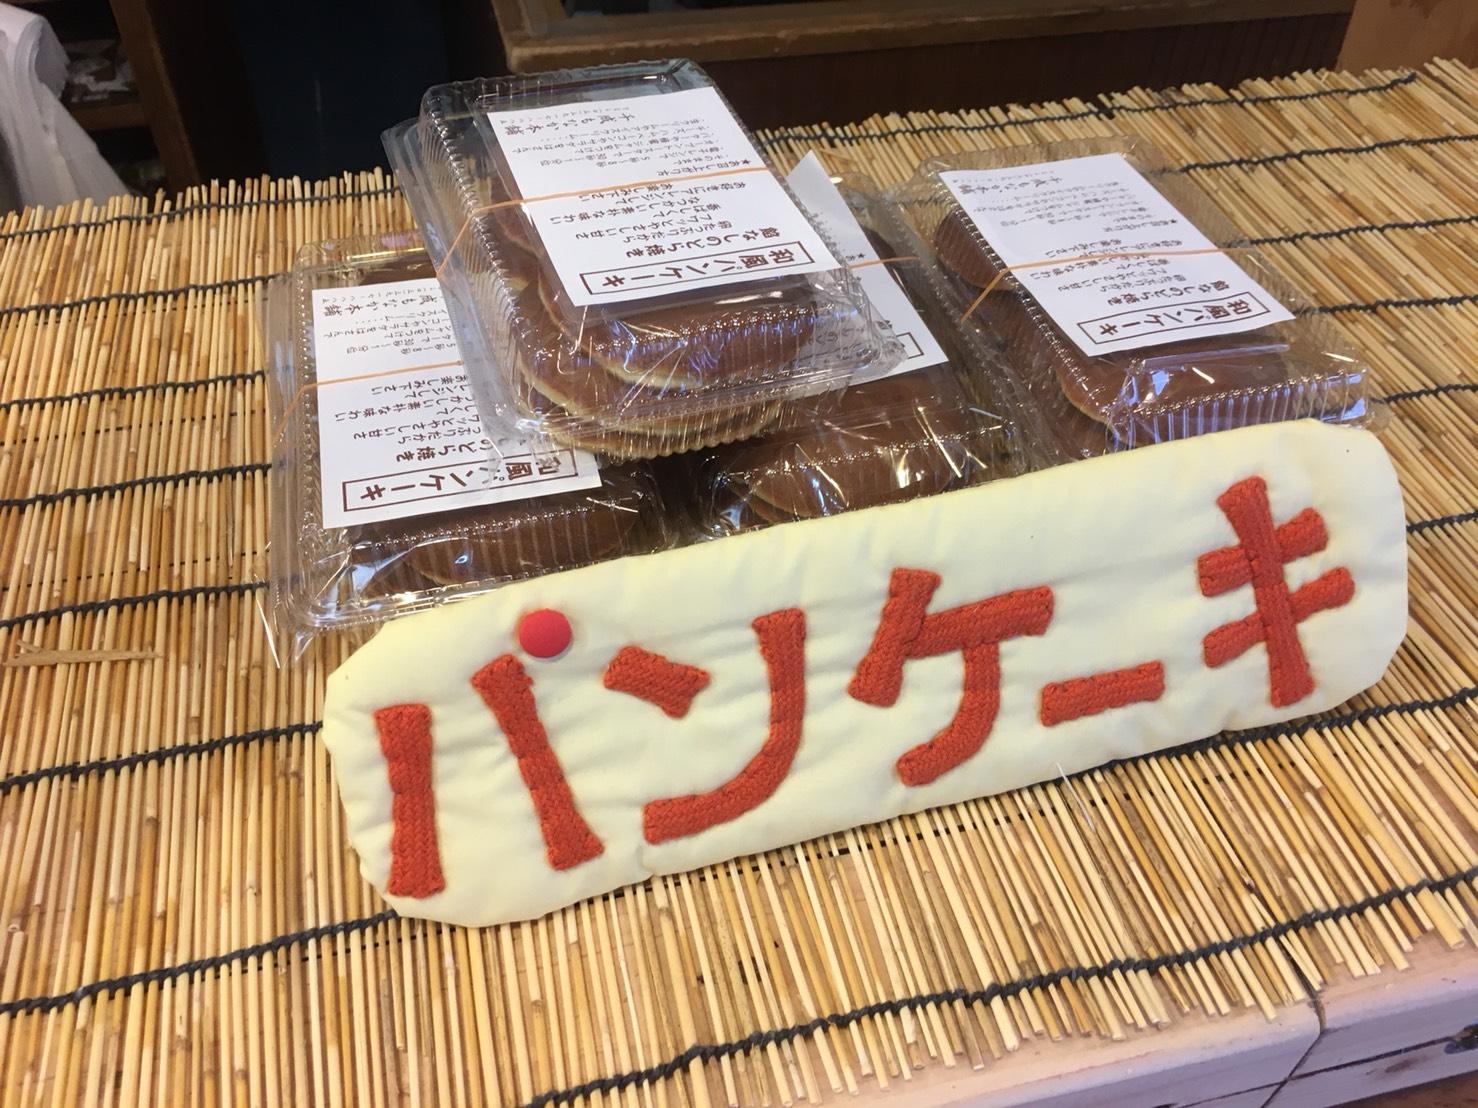 【大塚駅】創業80年以上の老舗「千成もなか本舗」200円のパンケーキが美味しい:)